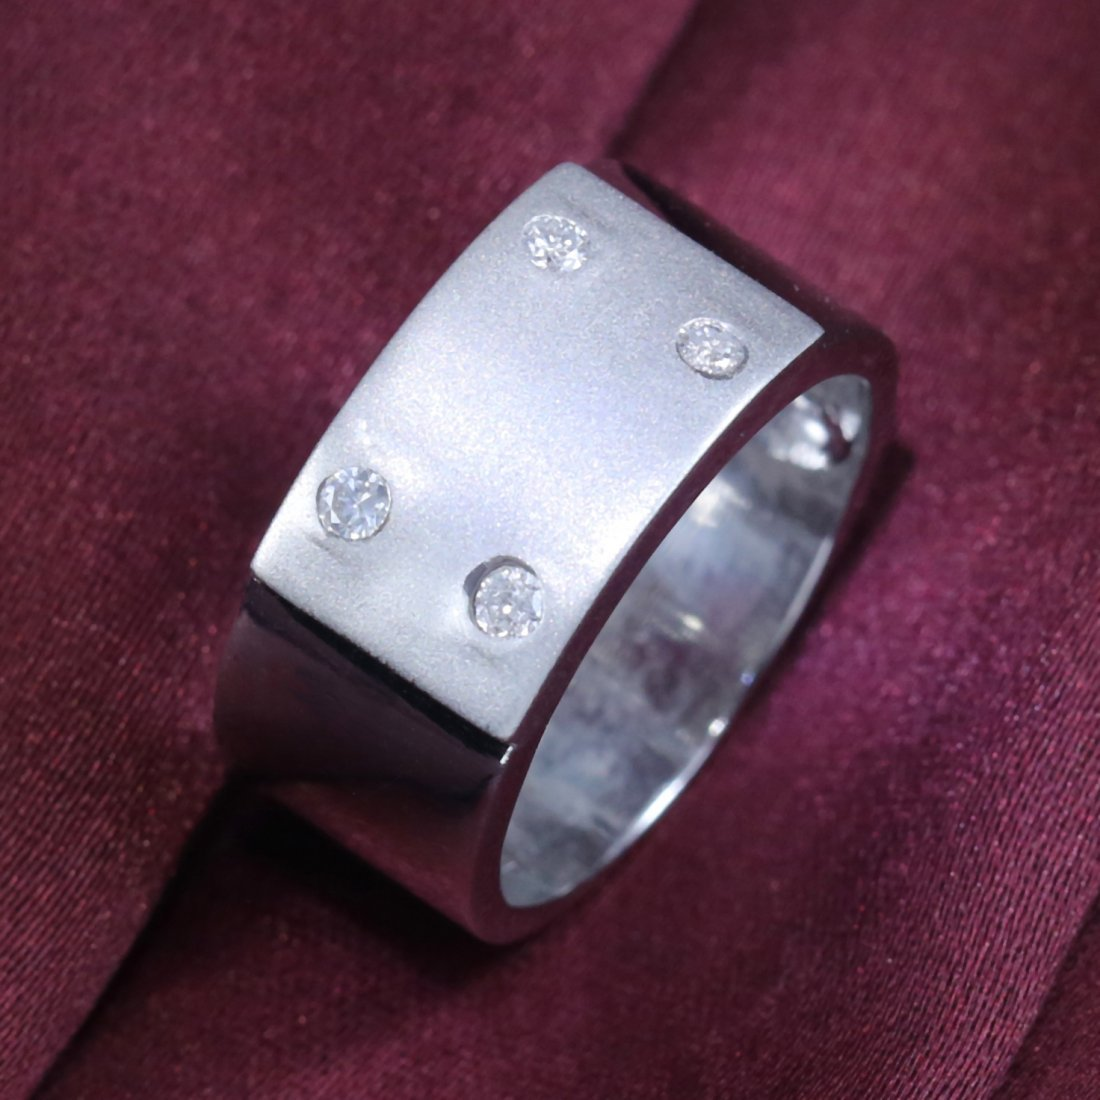 14 k White Gold Men's Diamond Ring